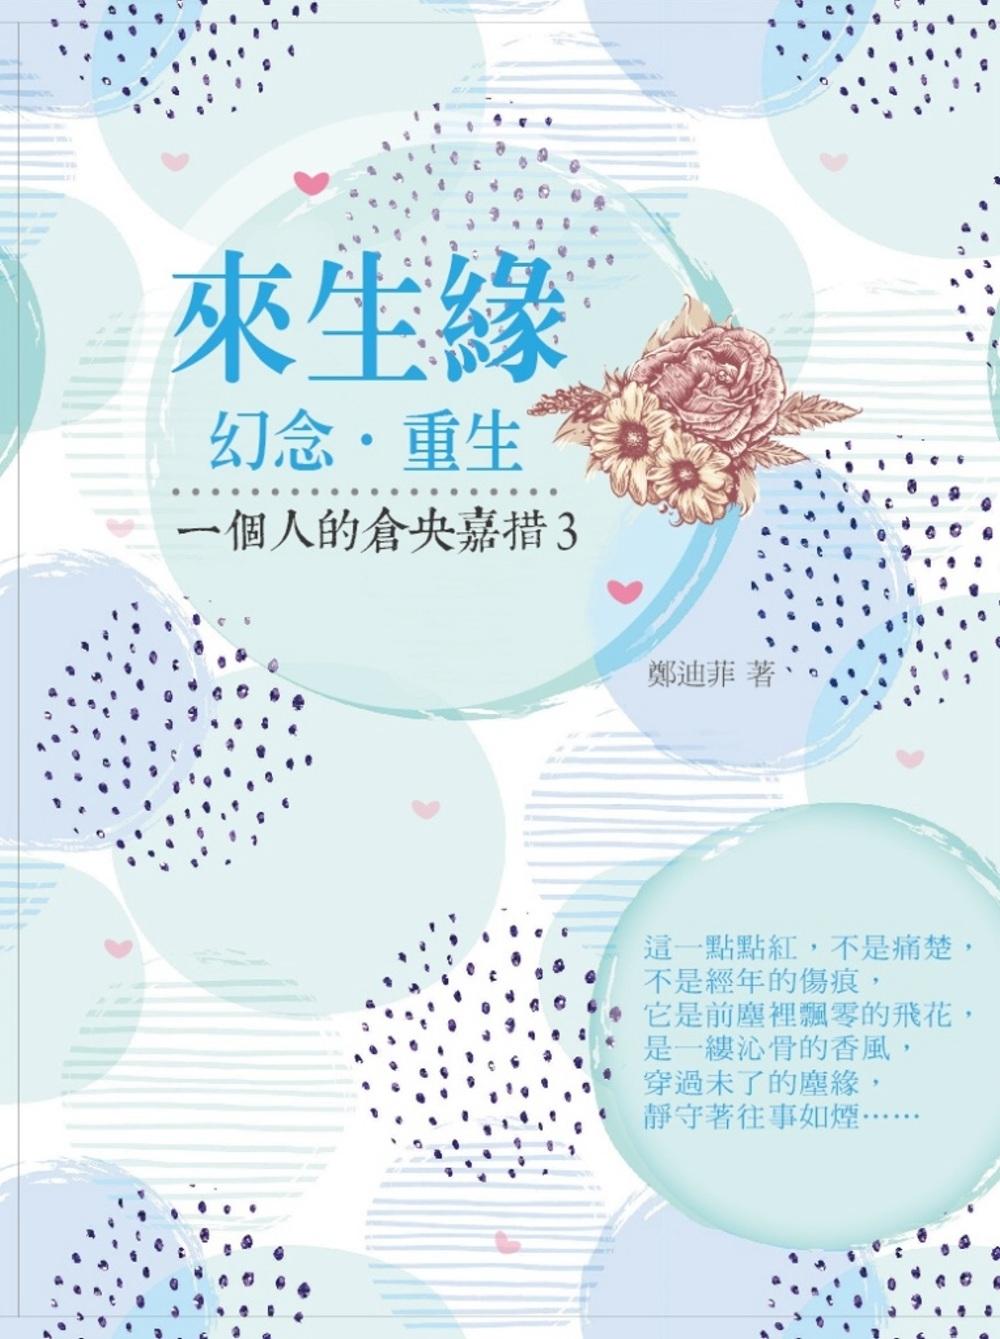 《來生緣:幻念‧重生(一個人的倉央嘉措3)》 商品條碼,ISBN:9789863901266